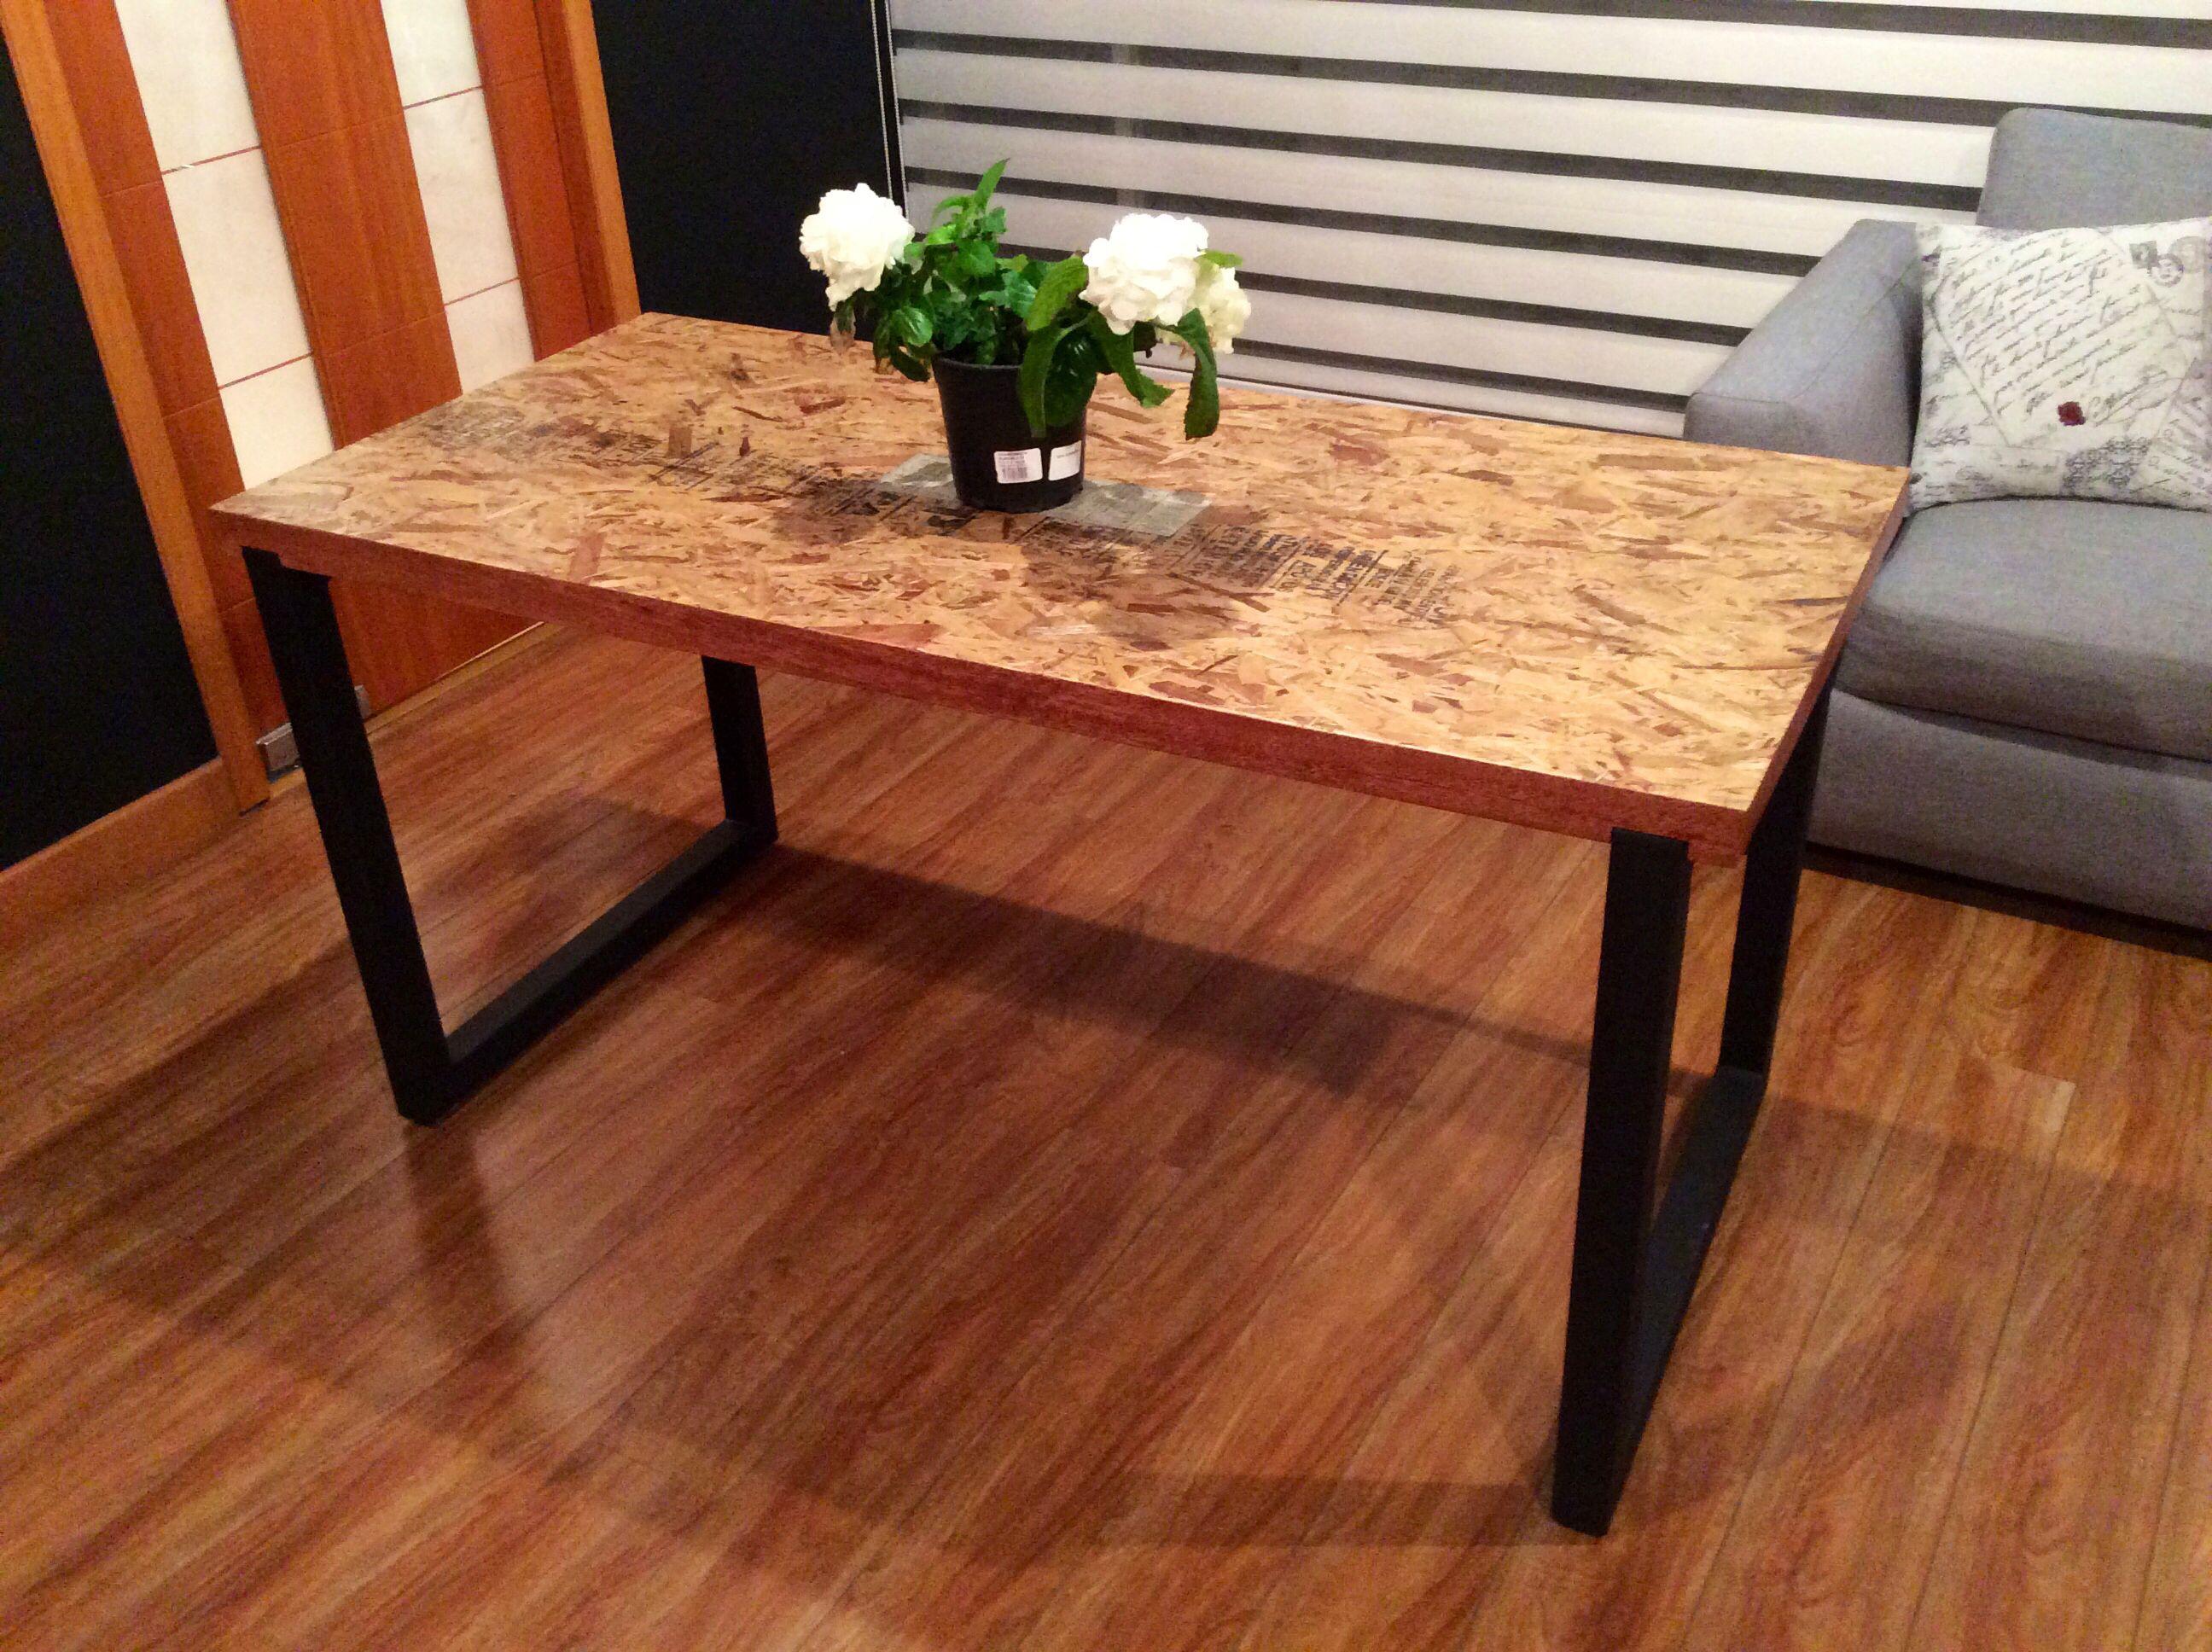 mesa en tablero osb en estructura met lica taller de dise o pinterest plywood. Black Bedroom Furniture Sets. Home Design Ideas